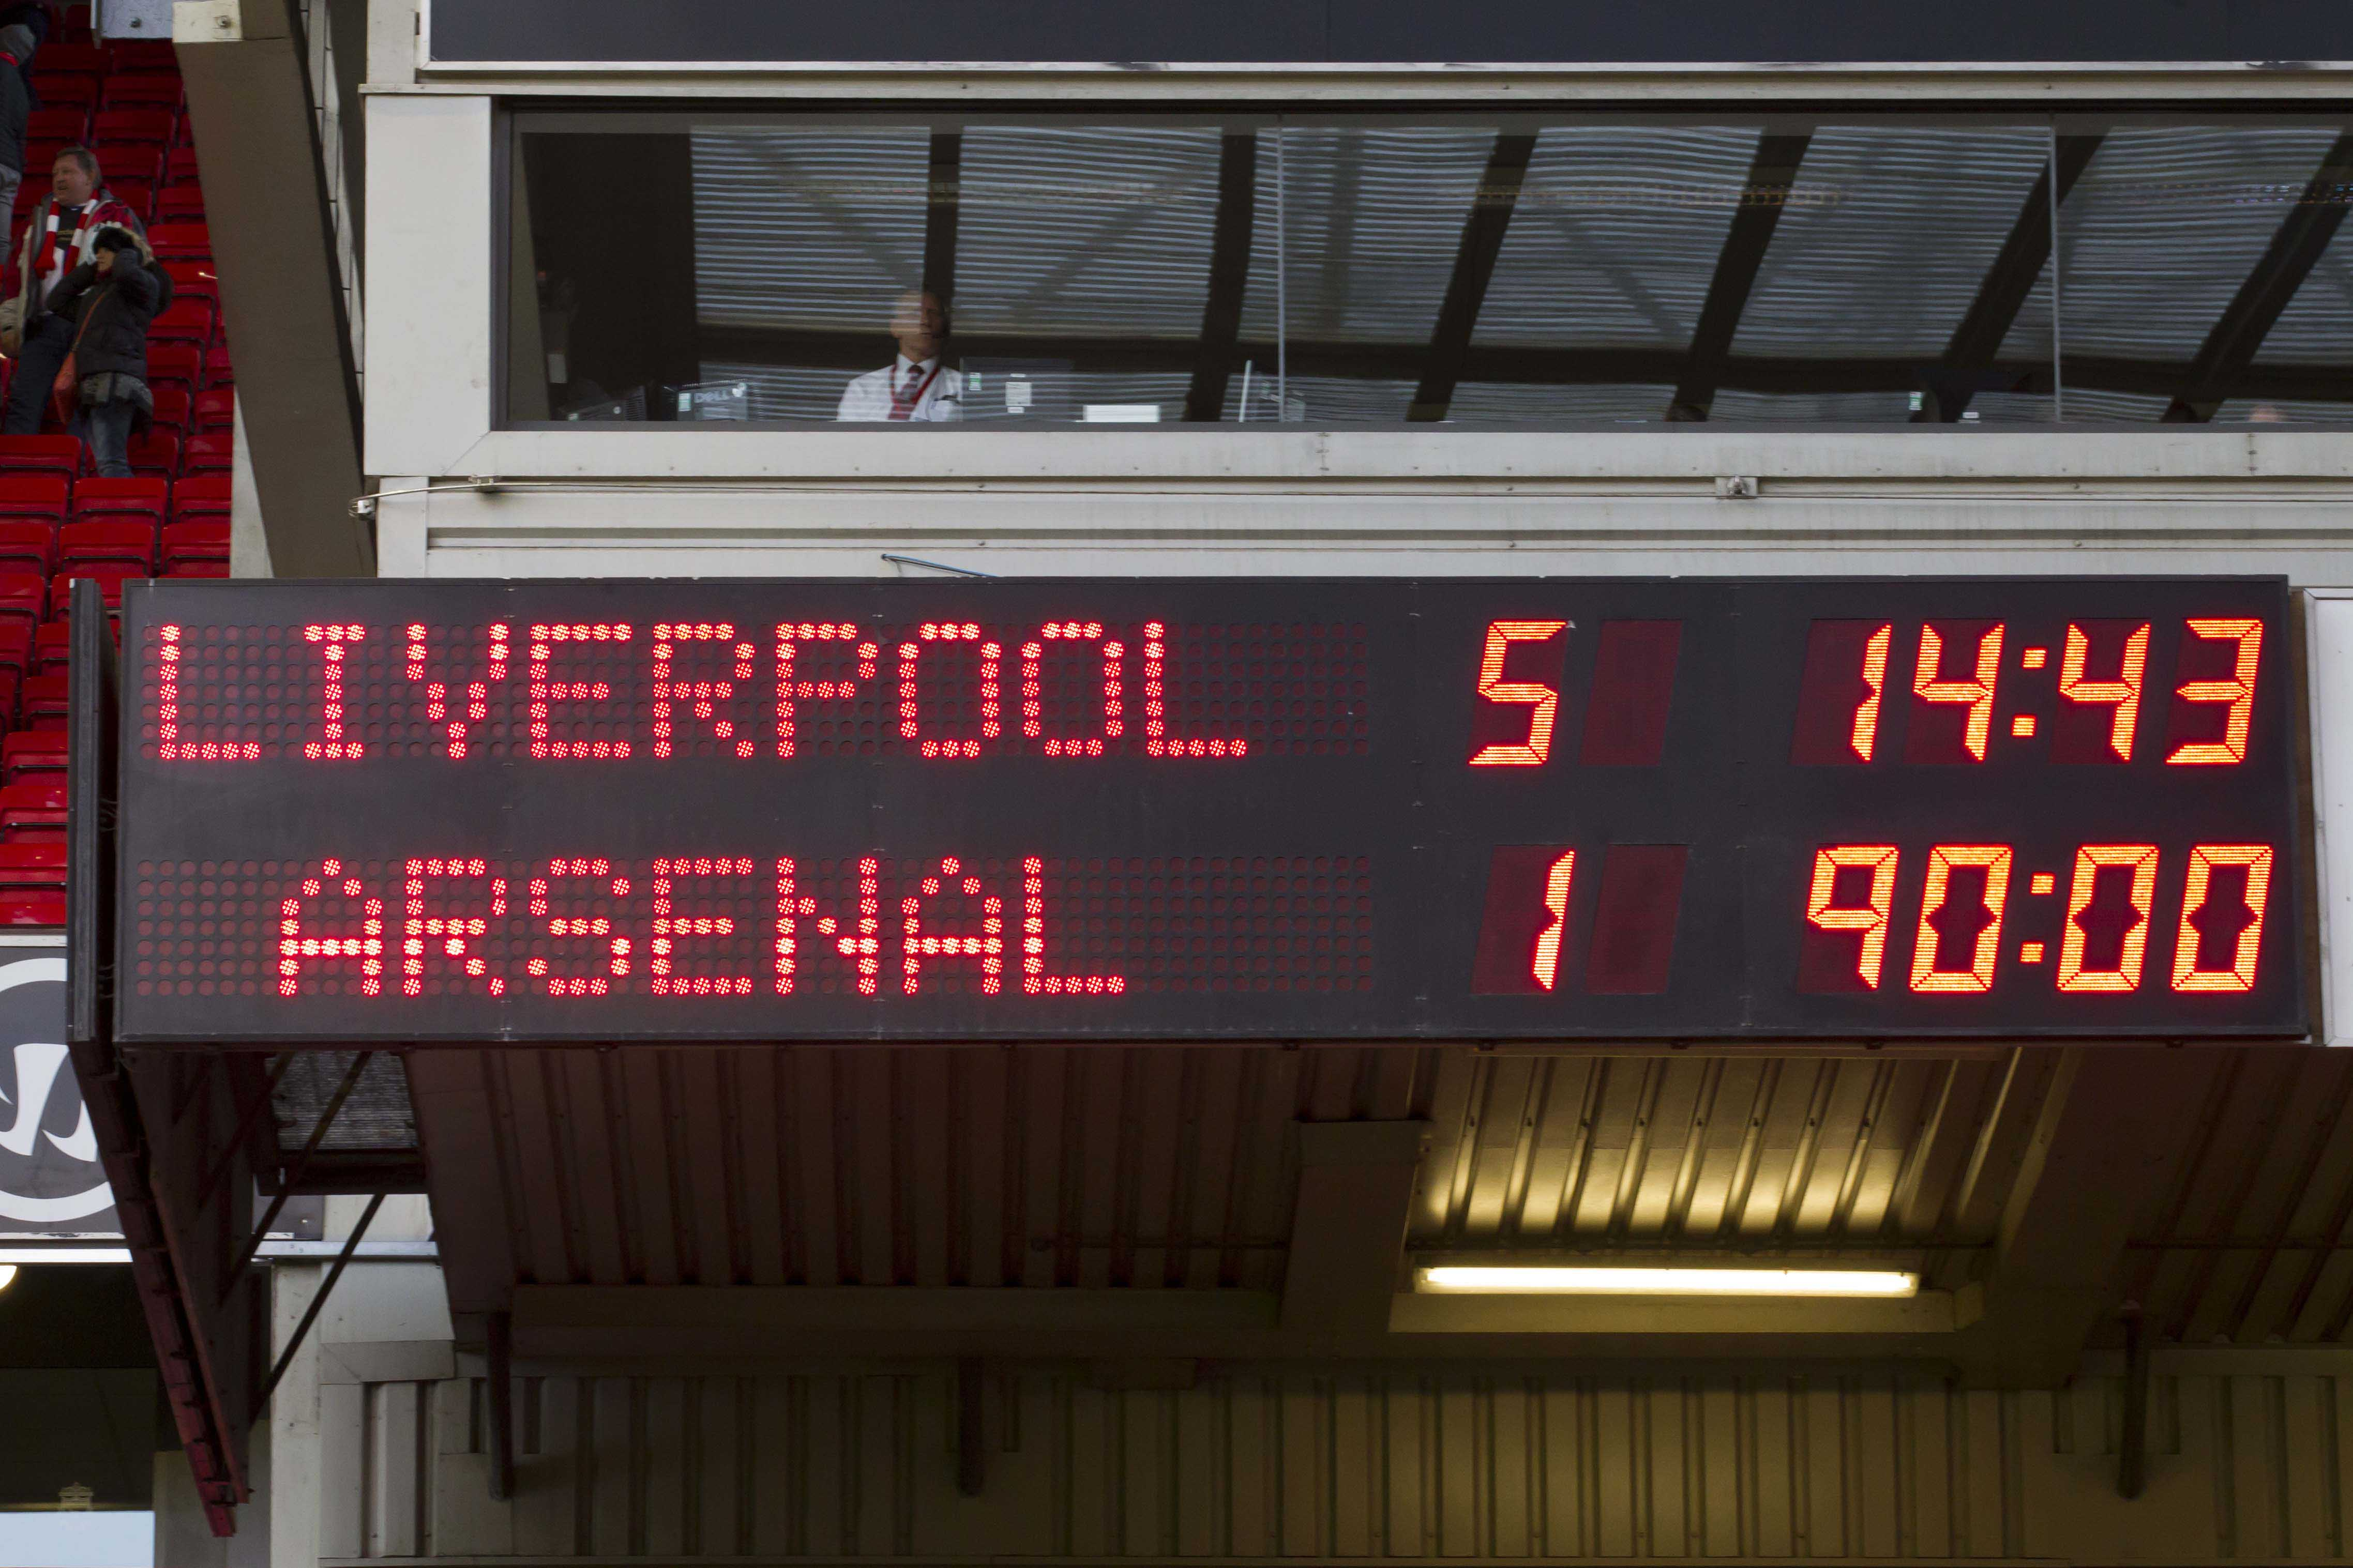 Liverpool je naslednjo sezono doma razbil Arsenal s kar 5:1. Blestel je tudi Suarez, čeprav se med strelce ni vpisal. Vir:  The Anfield Wrap